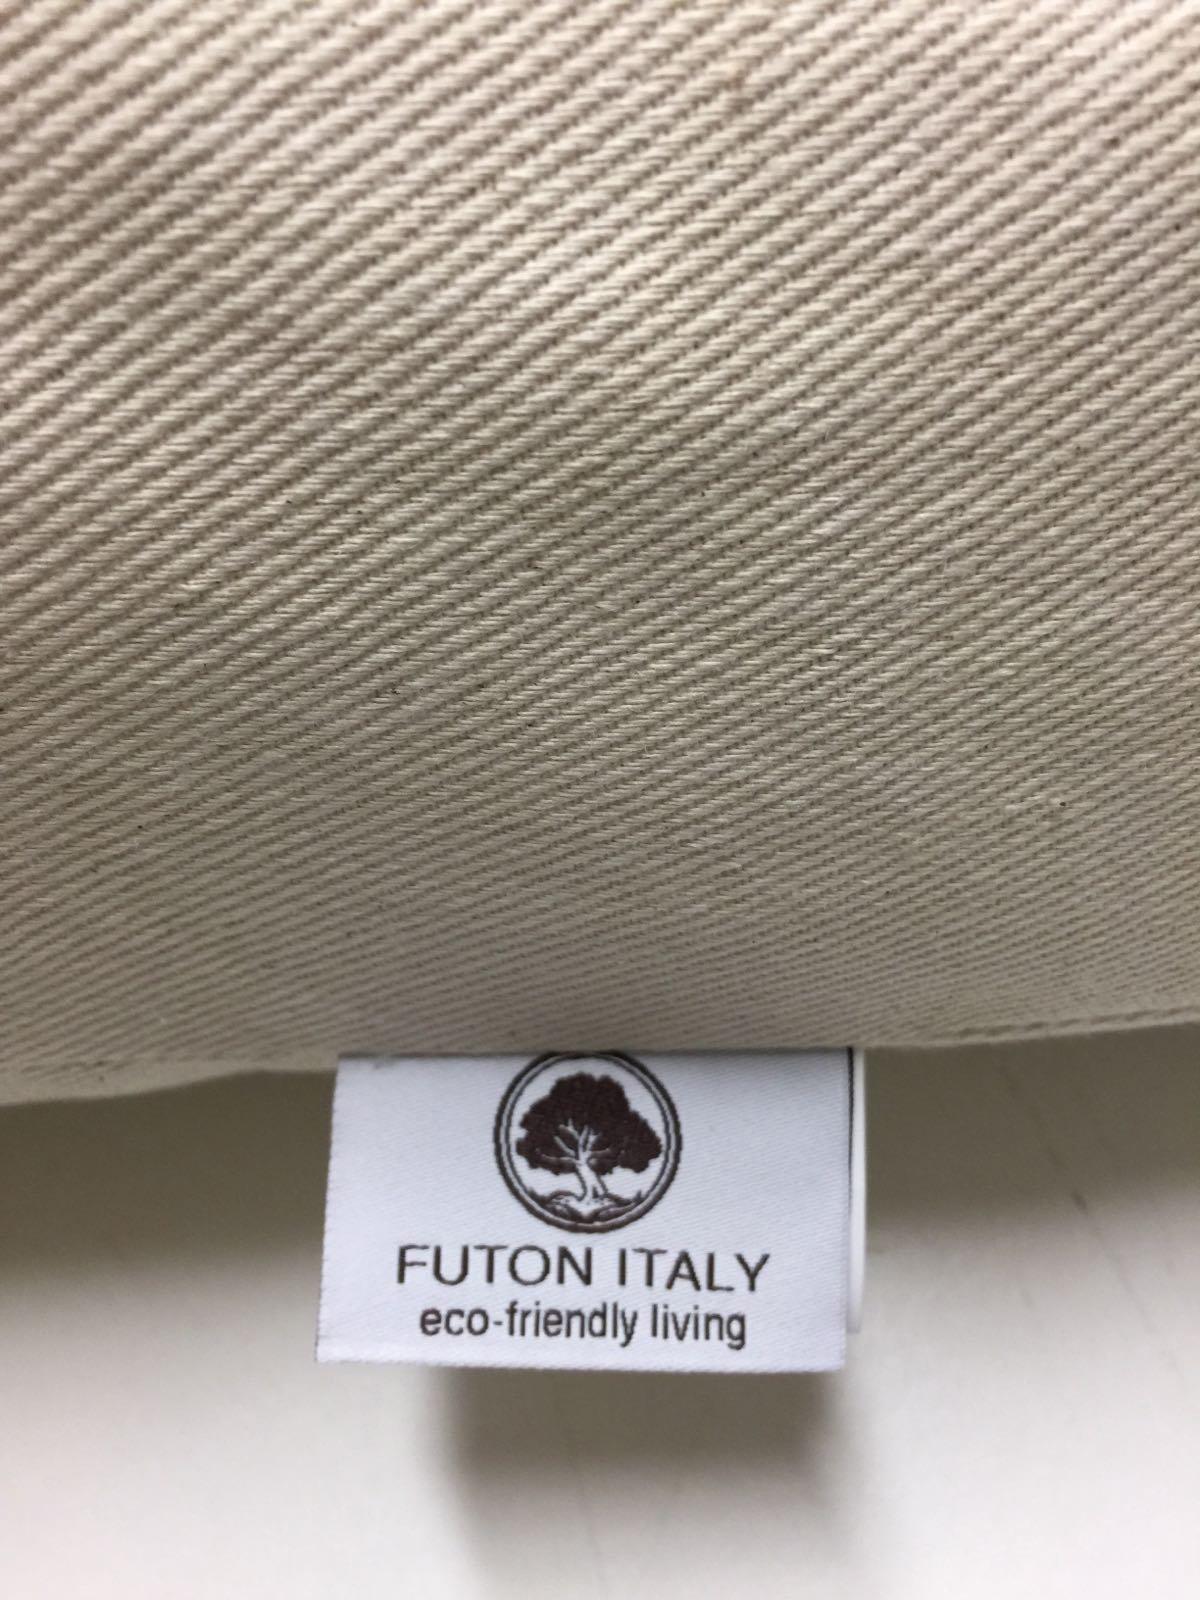 Futón colchón de látex y puro algodón hecho a mano en Italia 160 x 200 cm: Amazon.es: Hogar